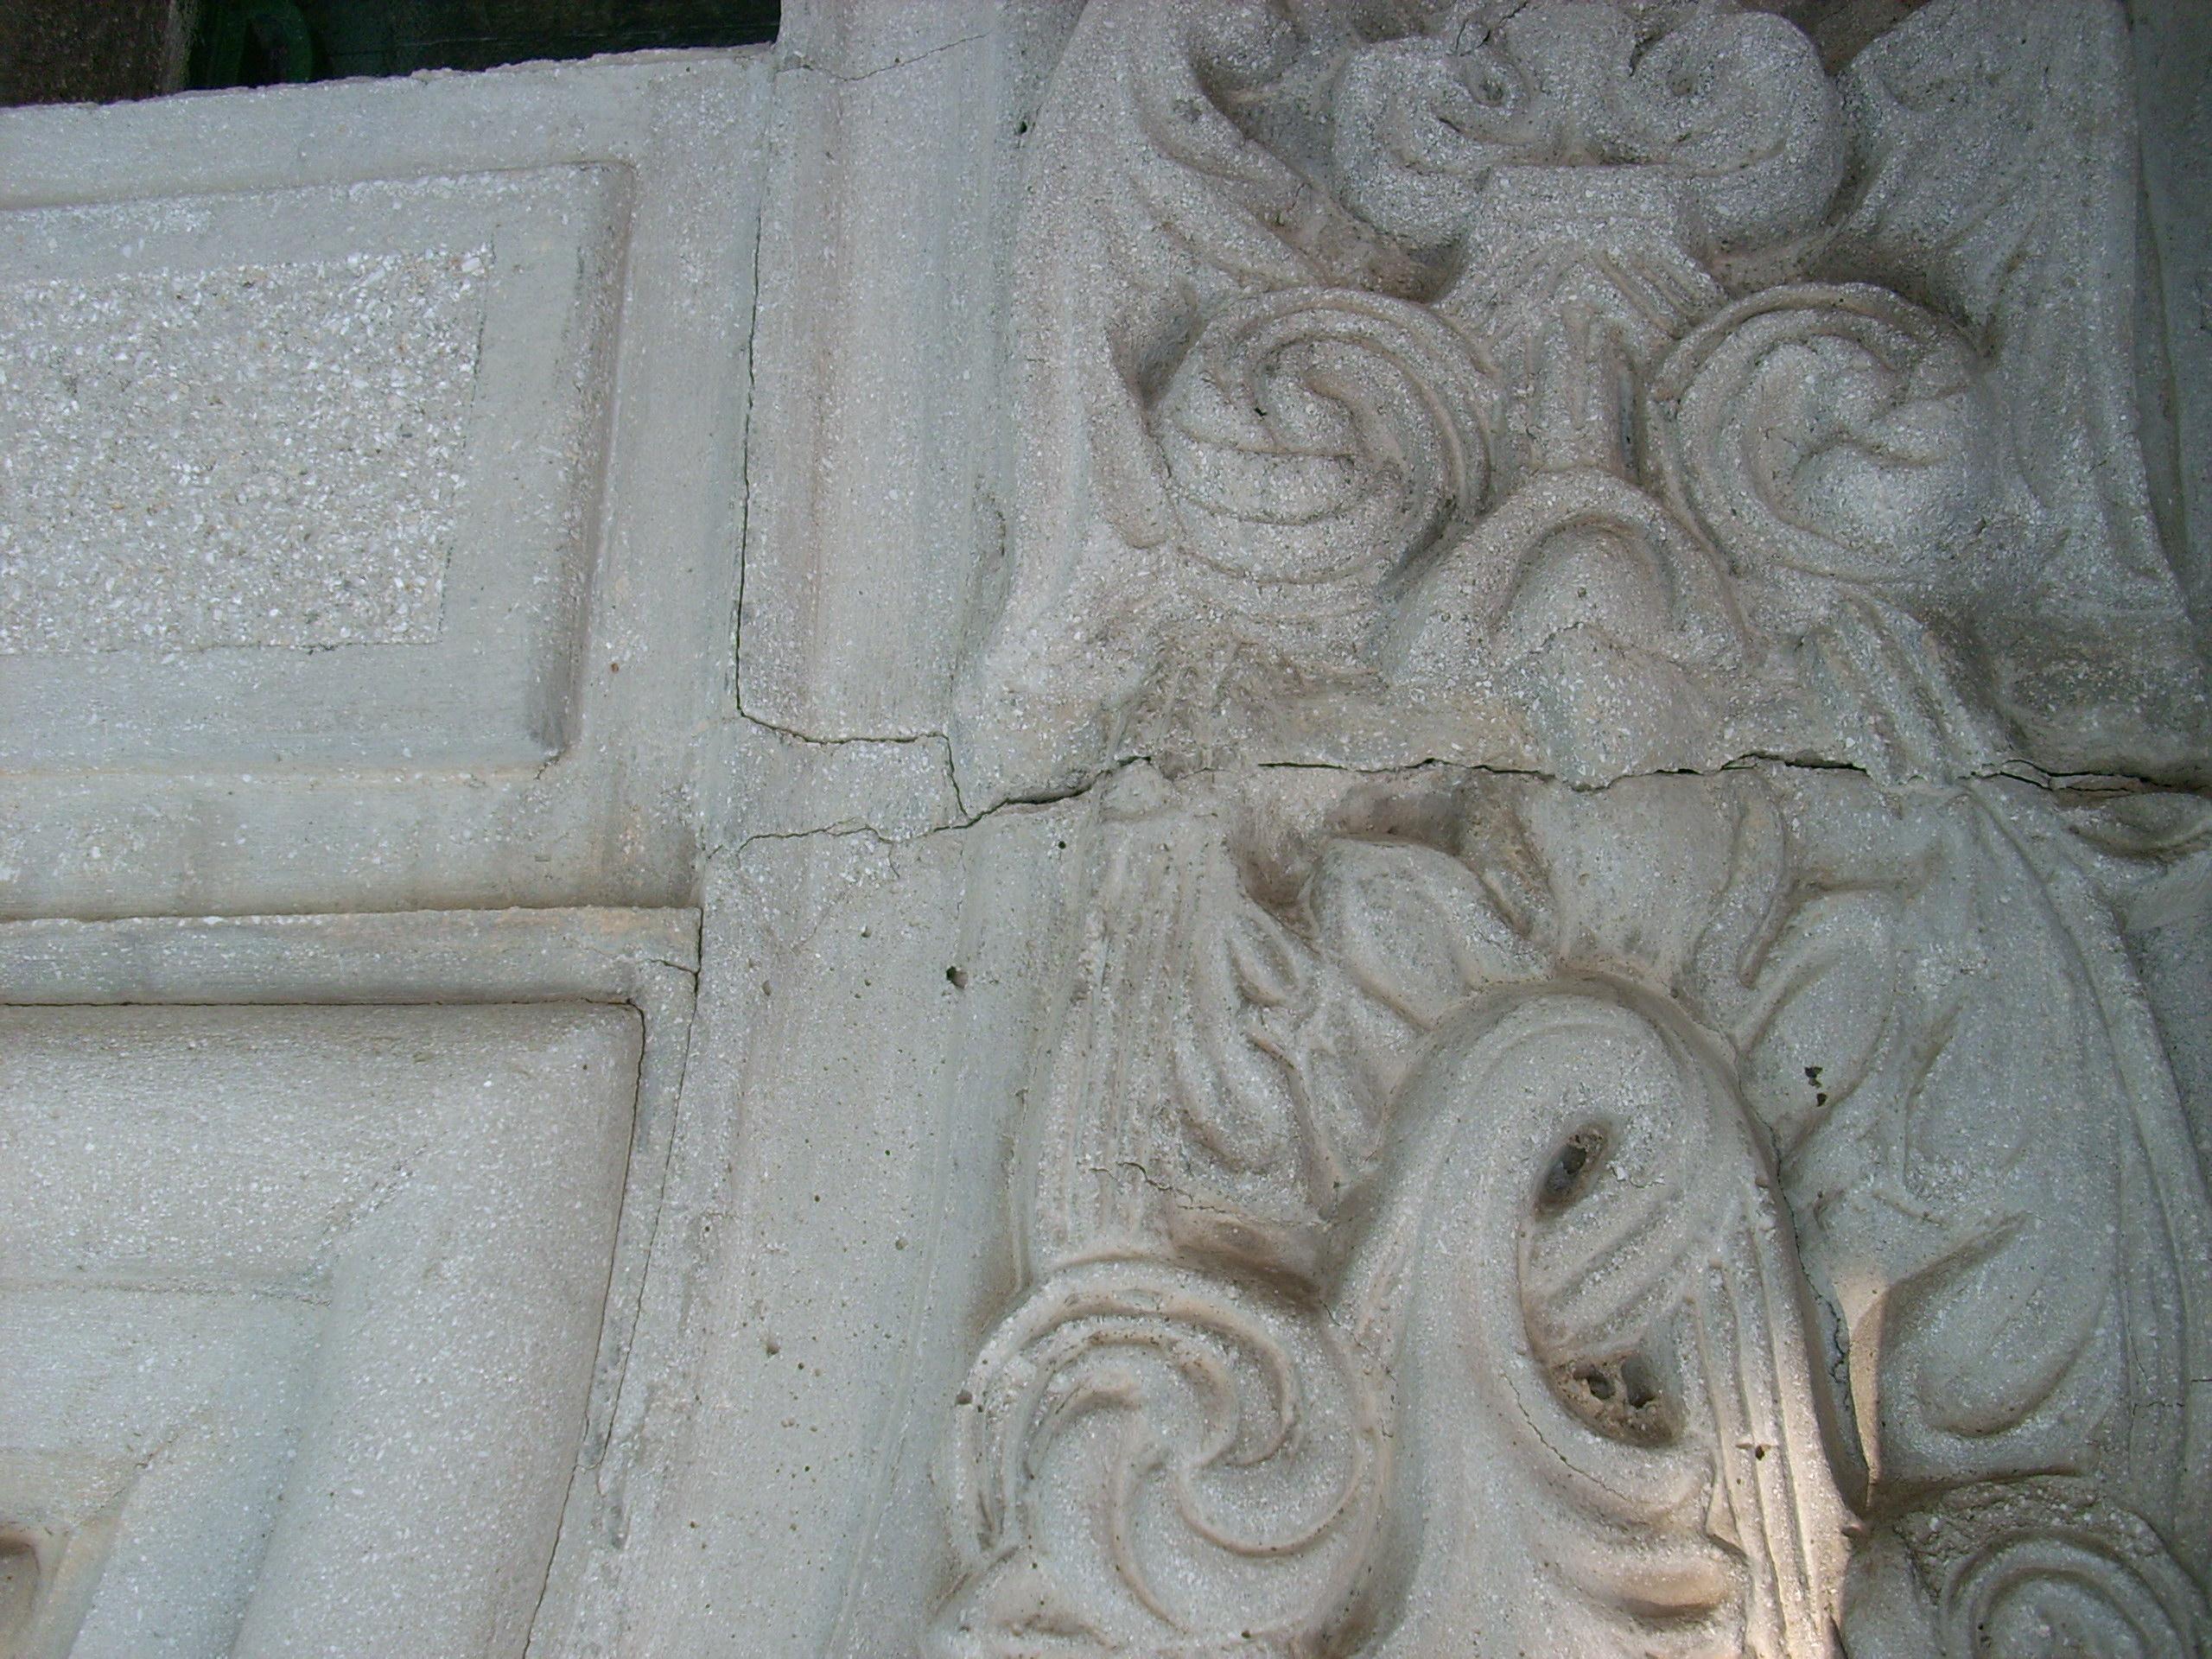 Aplicarea tratamentelor de impermeabilizare - Monument funerar UNICO PROFIT - Poza 19